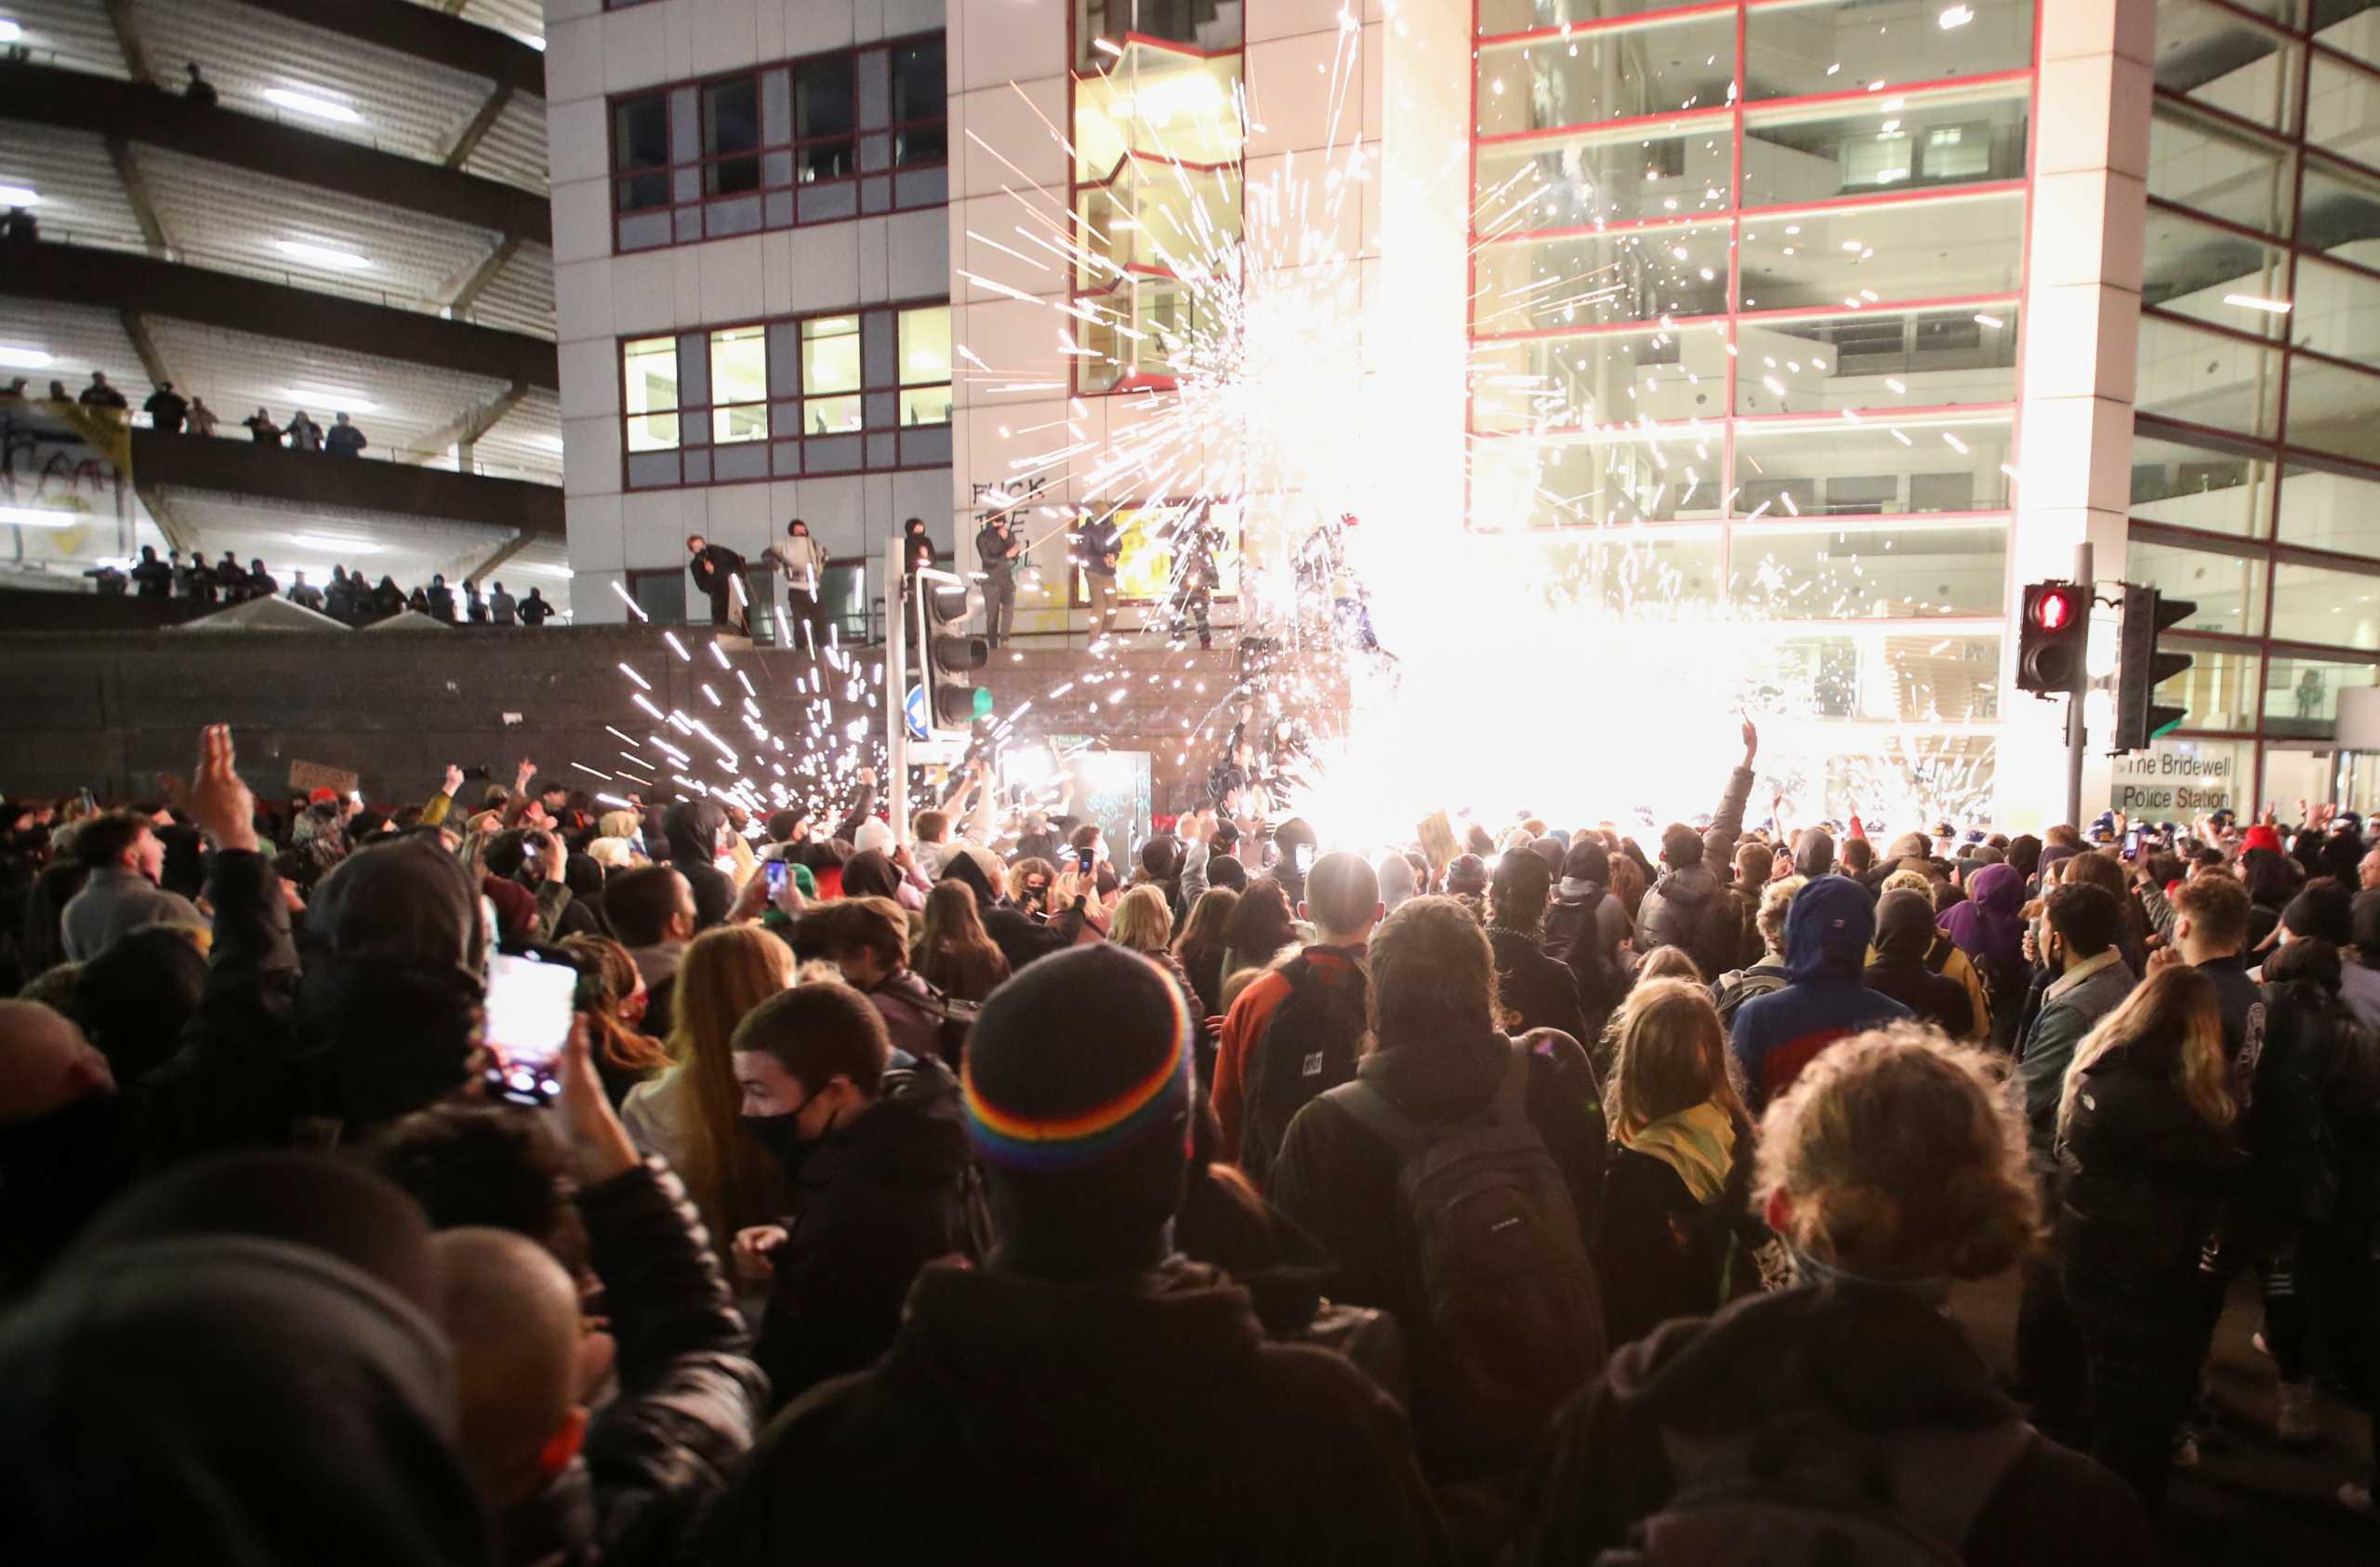 Βρετανία: Ταραχές στο Μπρίστολ σε διαδήλωση κατά του νομοσχεδίου που δίνει υπερεξουσίες στην αστυνομία